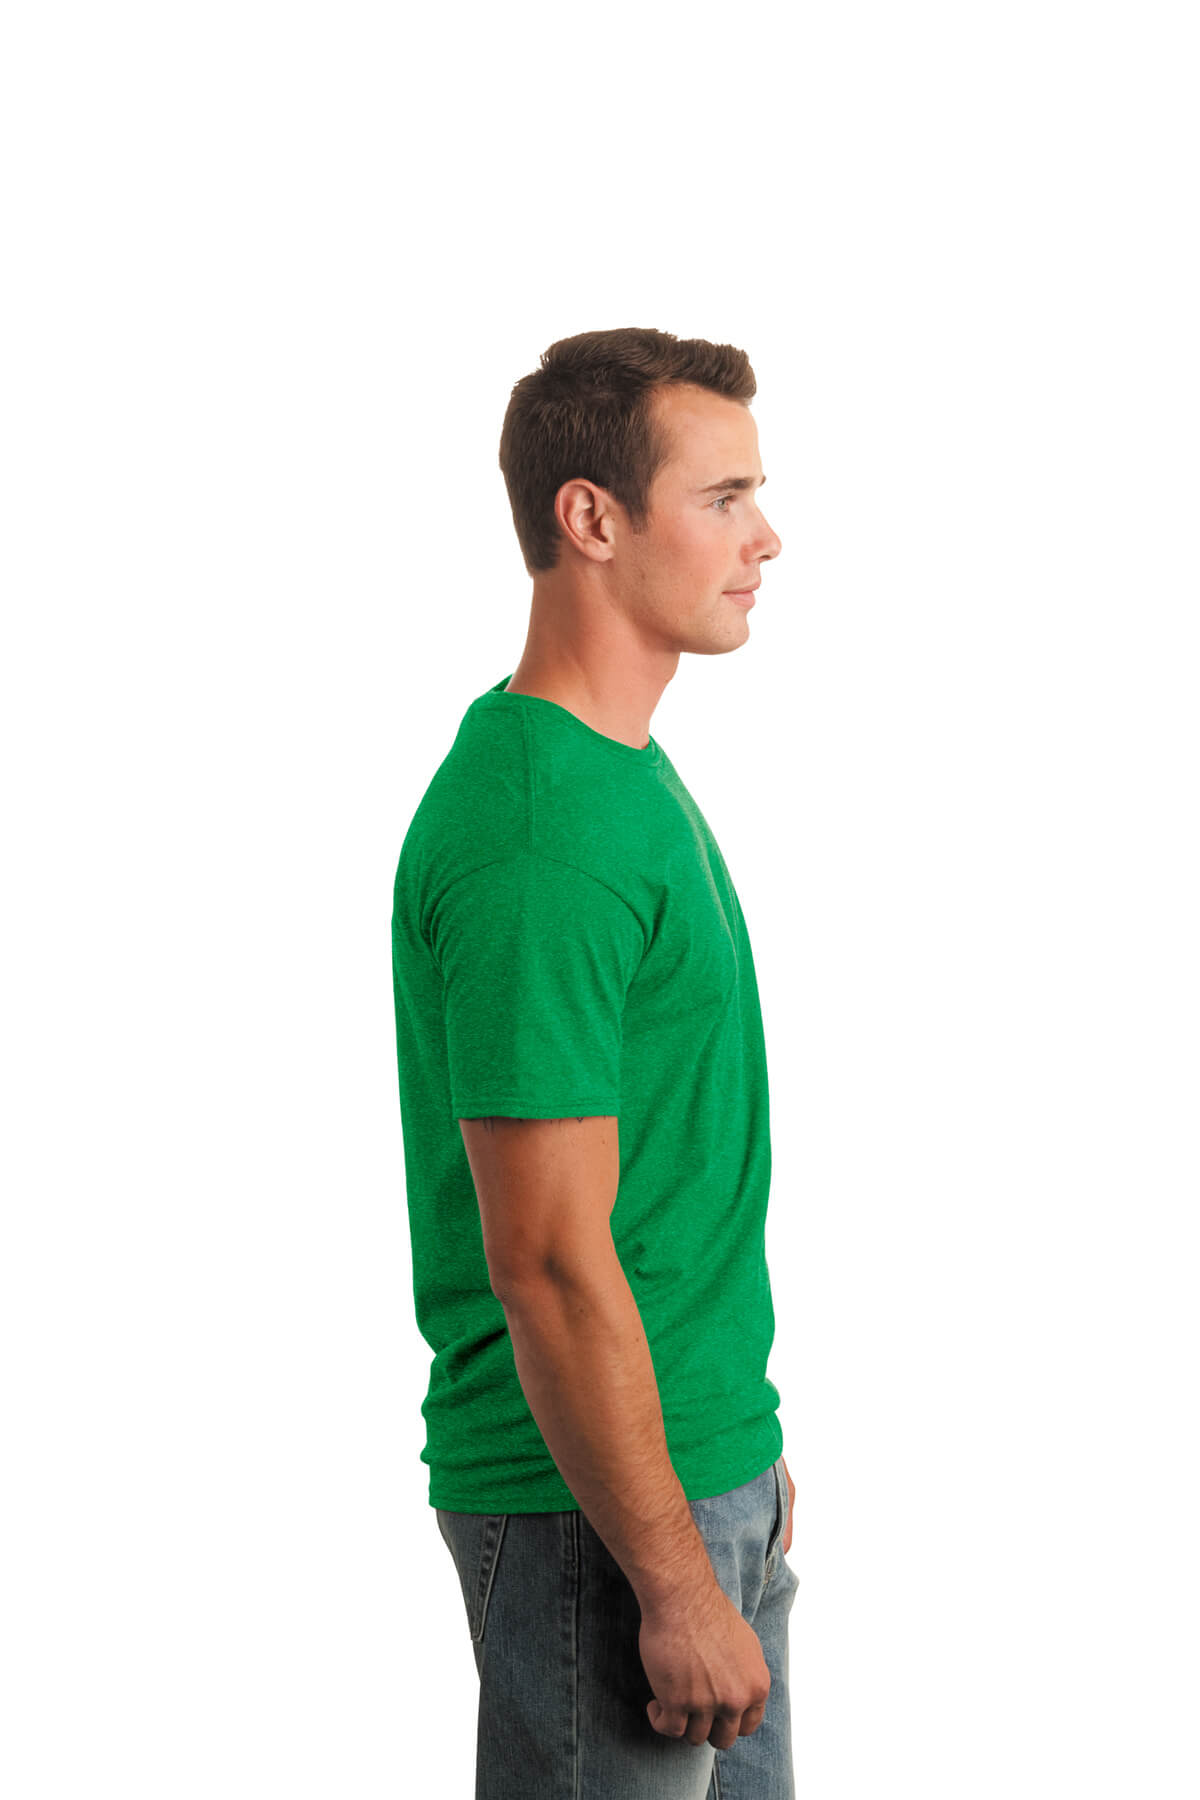 Irish Green T-Shirt Model Right